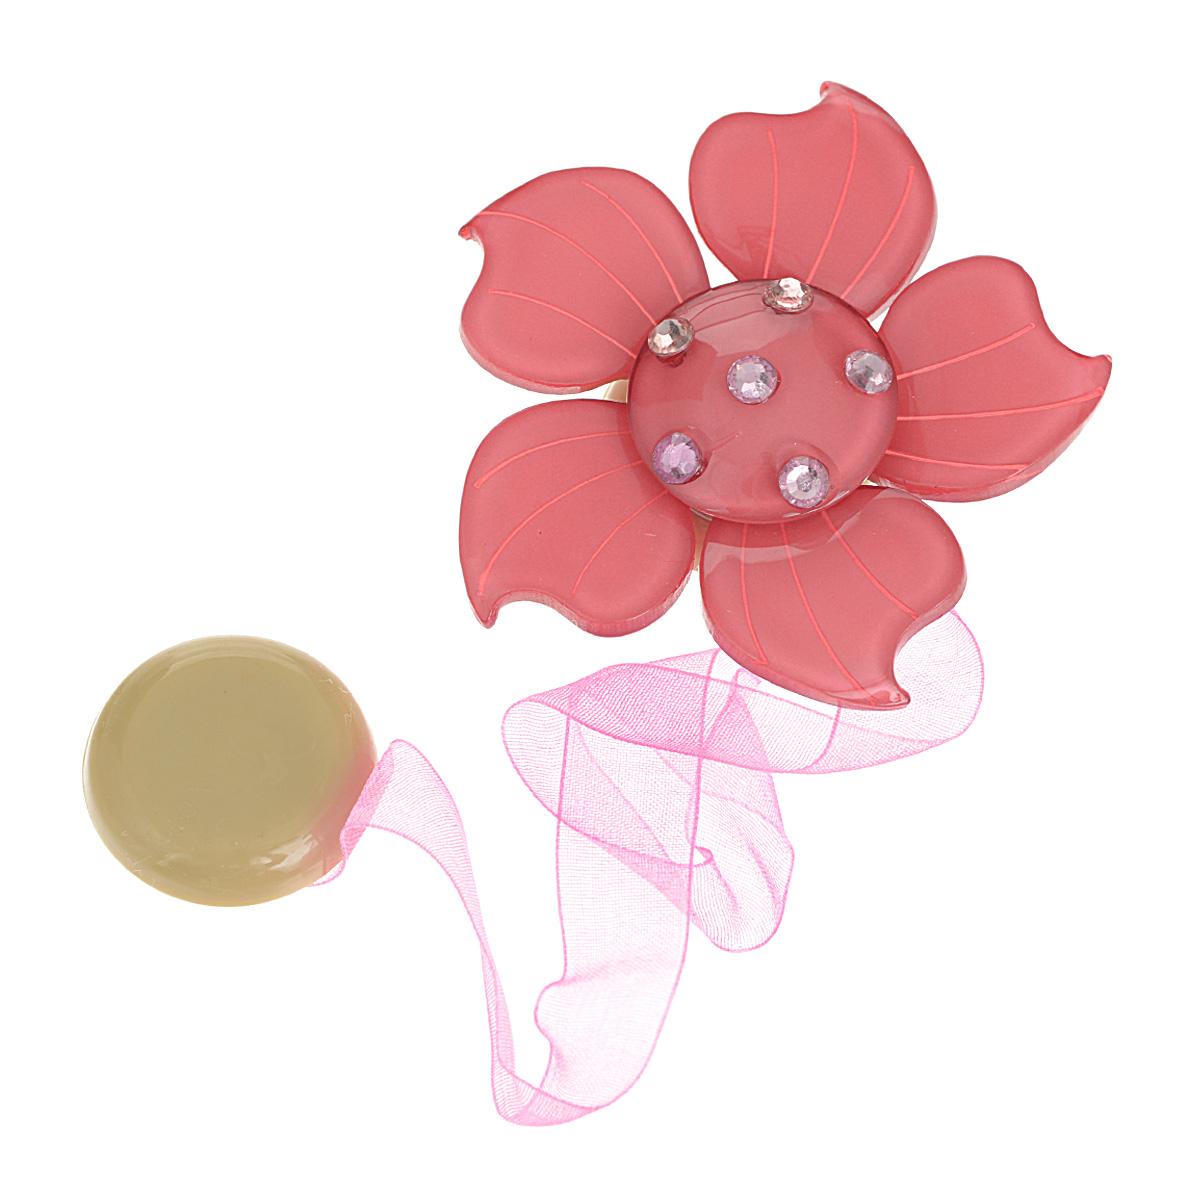 Клипса-магнит для штор Calamita Fiore, цвет: темно-розовый. 7704007_5531004900000360Клипса-магнит Calamita Fiore, изготовленная из пластика и текстиля, предназначена для придания формы шторам. Изделие представляет собой два магнита, расположенные на разных концах текстильной ленты. Один из магнитов оформлен декоративным цветком и украшен стразами. С помощью такой магнитной клипсы можно зафиксировать портьеры, придать им требуемое положение, сделать складки симметричными или приблизить портьеры, скрепить их. Клипсы для штор являются универсальным изделием, которое превосходно подойдет как для штор в детской комнате, так и для штор в гостиной. Следует отметить, что клипсы для штор выполняют не только практическую функцию, но также являются одной из основных деталей декора этого изделия, которая придает шторам восхитительный, стильный внешний вид. Материал: пластик, полиэстер, магнит.Диаметр декоративного цветка: 6 см.Диаметр магнита: 2,5 см.Длина ленты: 28 см.